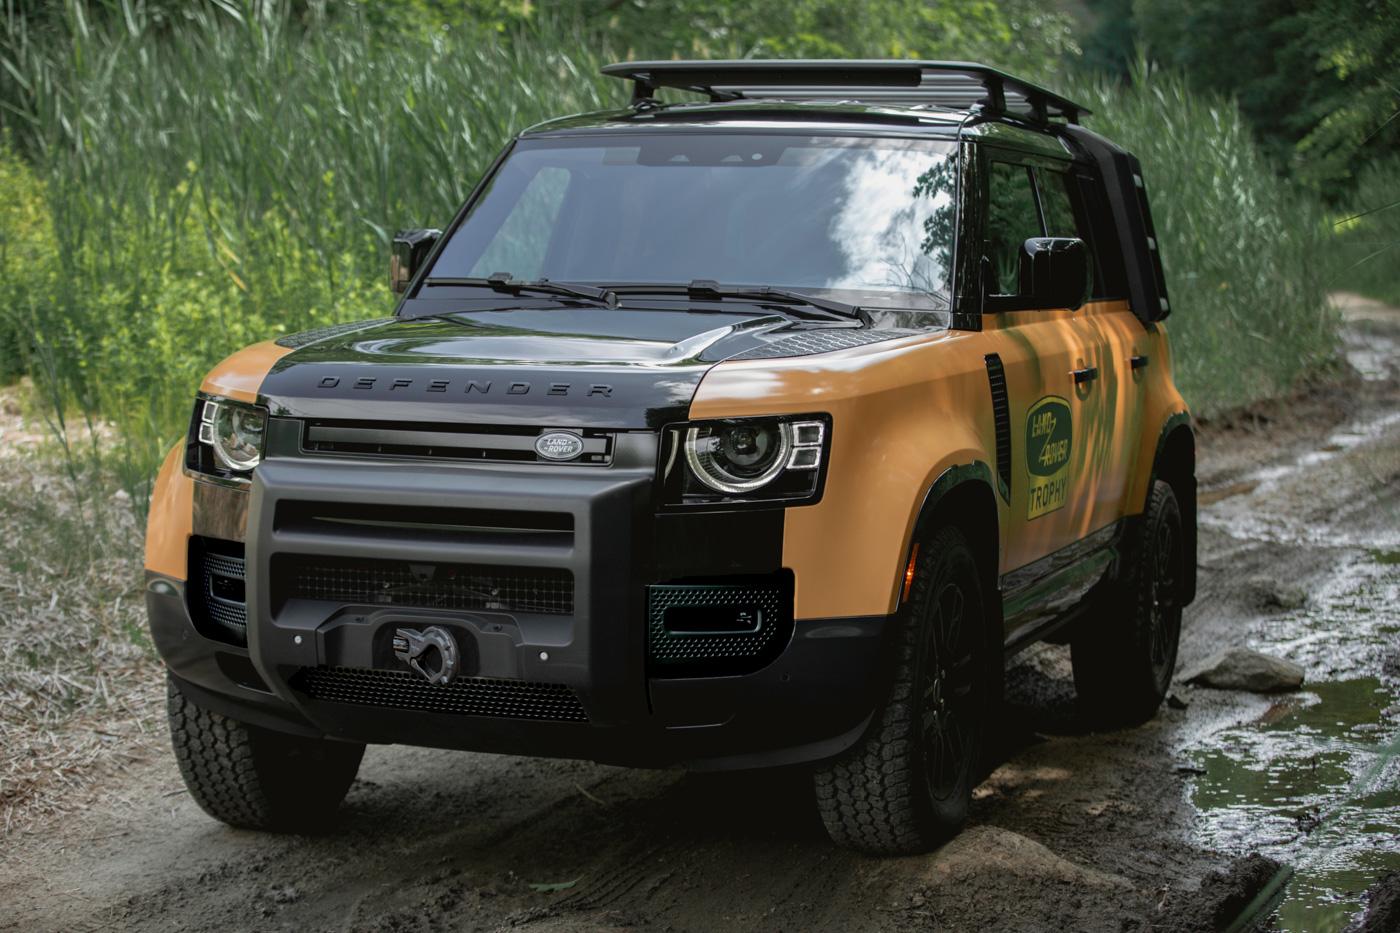 Land-Rover-Defender-L663-Trophy-Edition-6.jpg